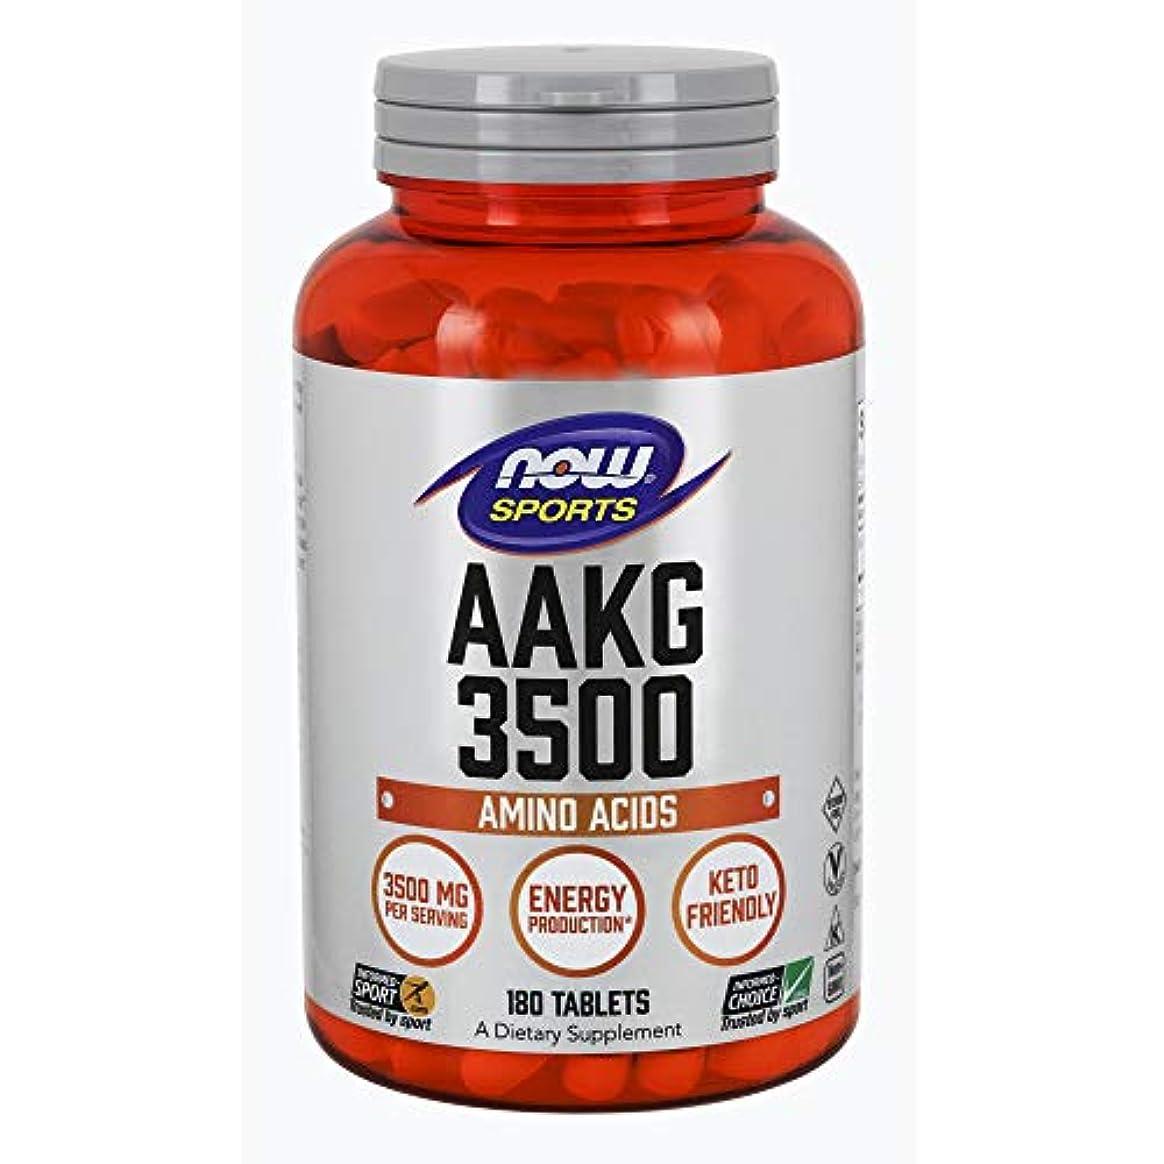 フェザークレーンヒューム[海外直送品] ナウフーズ AAKG3500(L-アルギニン-アルファ-ケトグルタレイト) 180錠